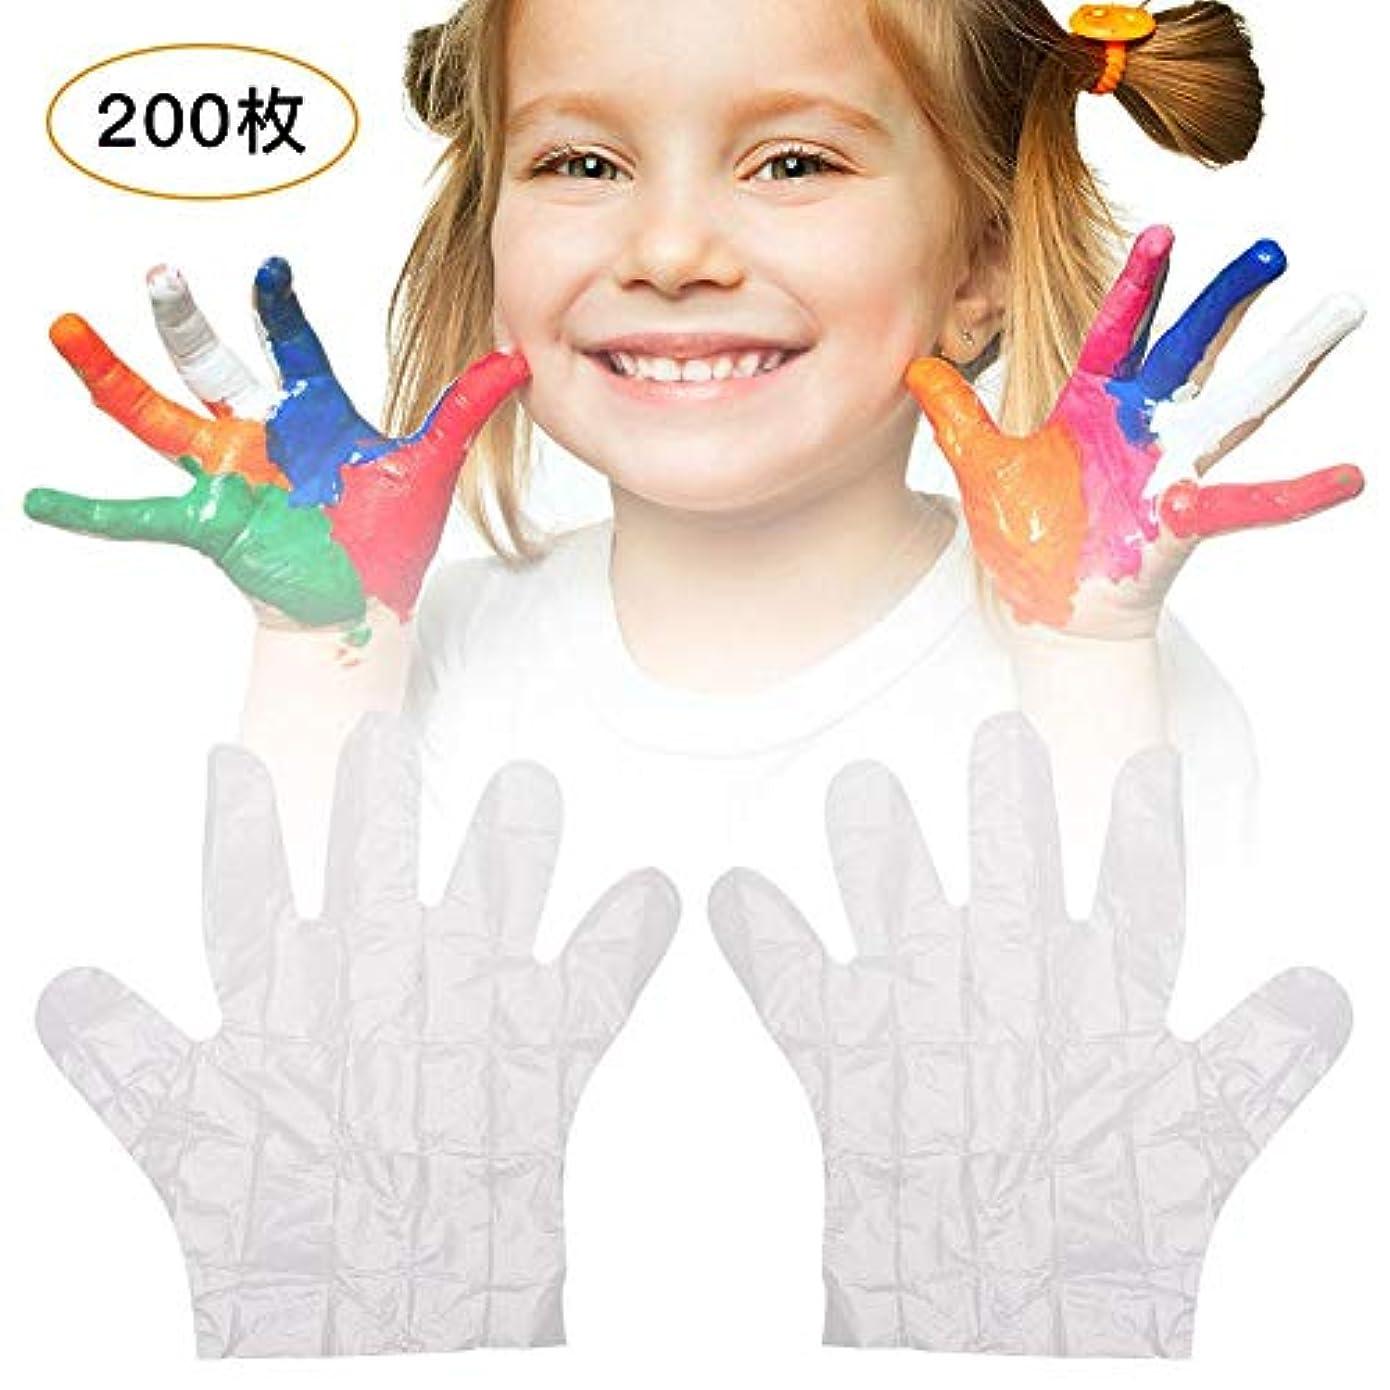 あざキャンペーン矢印使い捨て手袋 子供用 極薄ビニール手袋 LUERME ポリエチレン 透明 実用 衛生 100枚/200枚セット 左右兼用